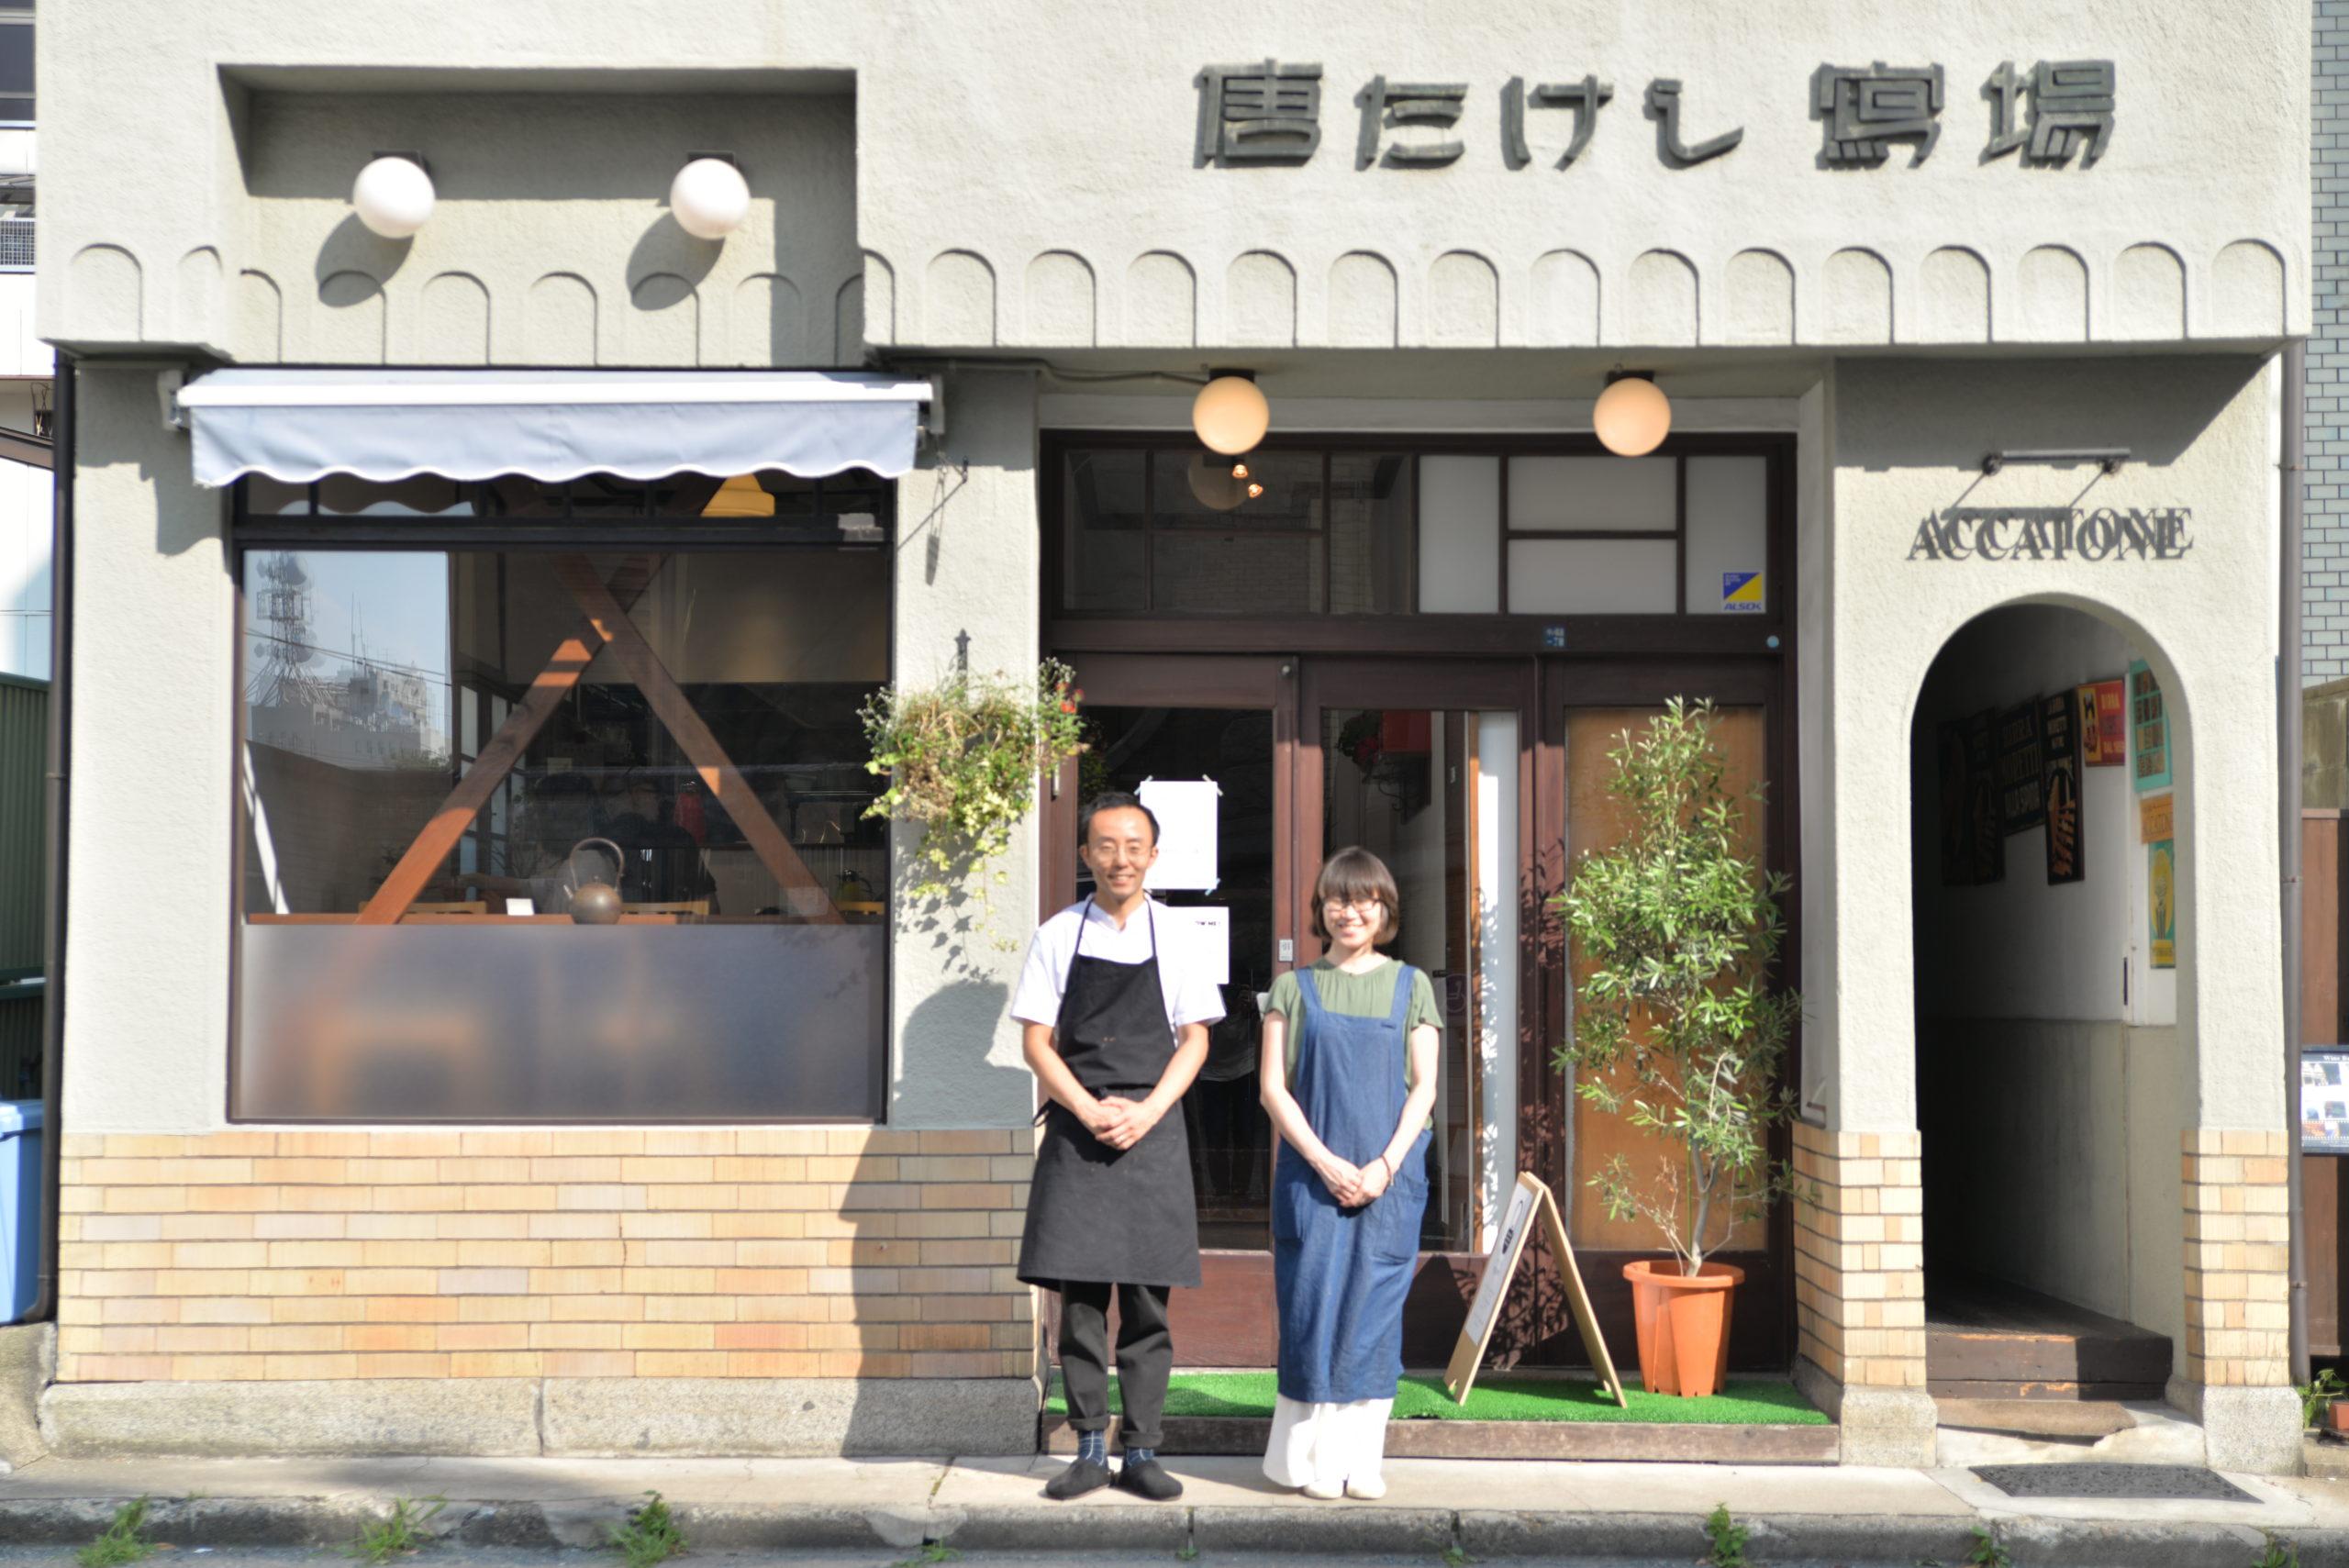 盛岡観光の合間にほっと一息!鉄瓶の多い喫茶店「お茶とてつびん engawa」